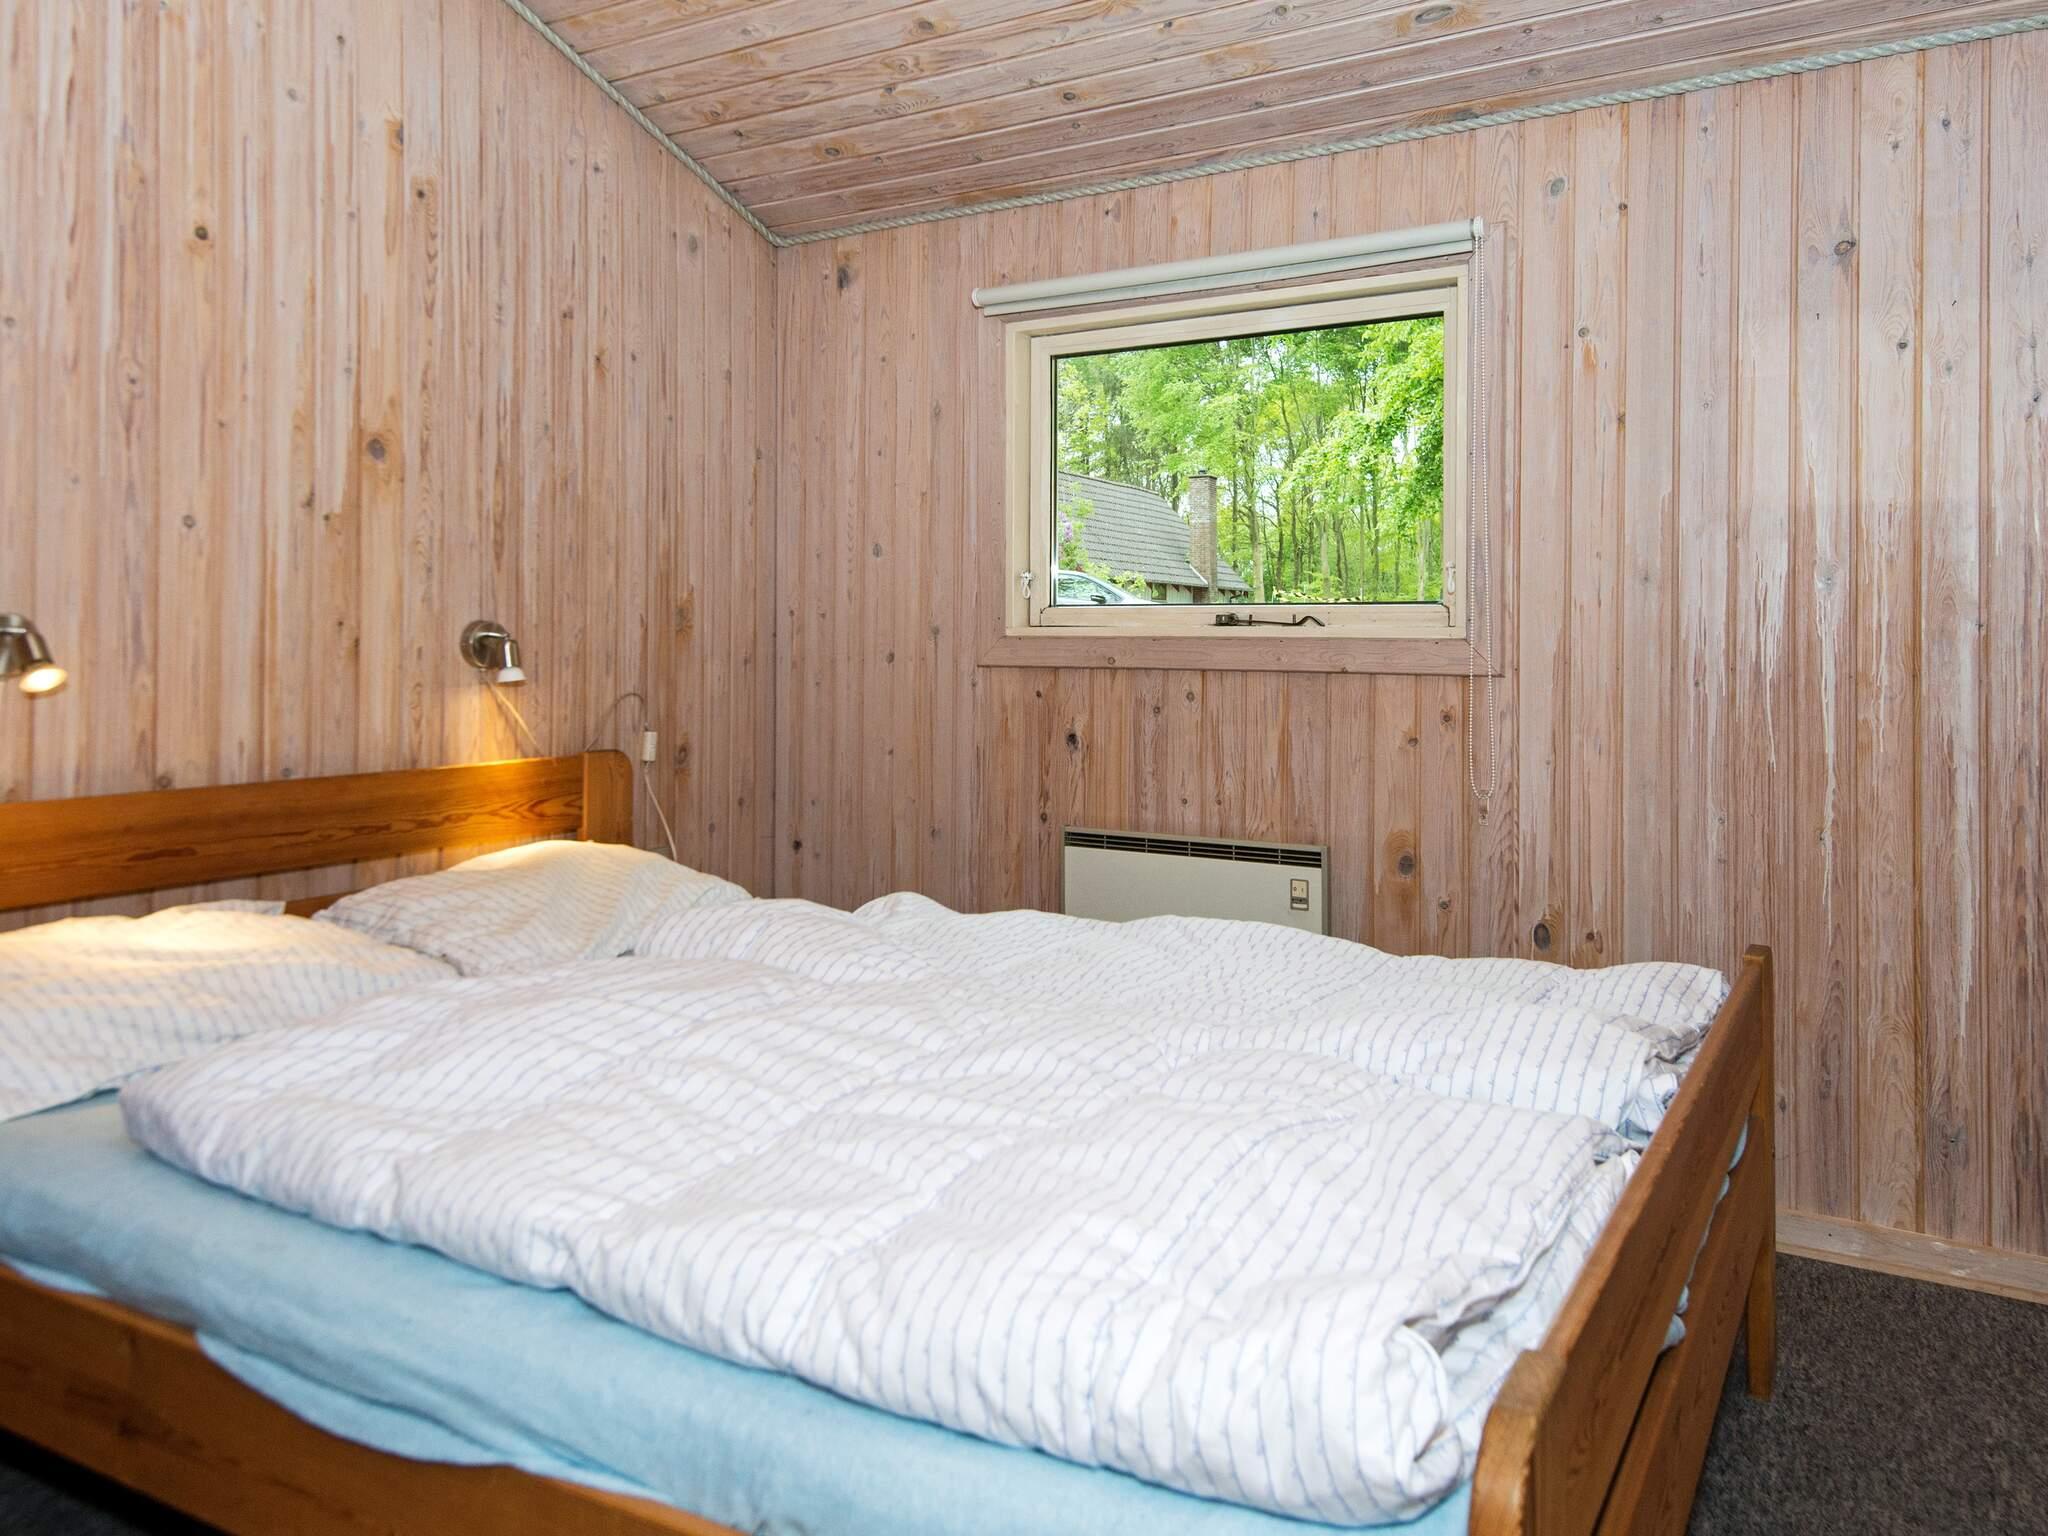 Ferienhaus Arrild (442397), Arrild, , Südjütland, Dänemark, Bild 14